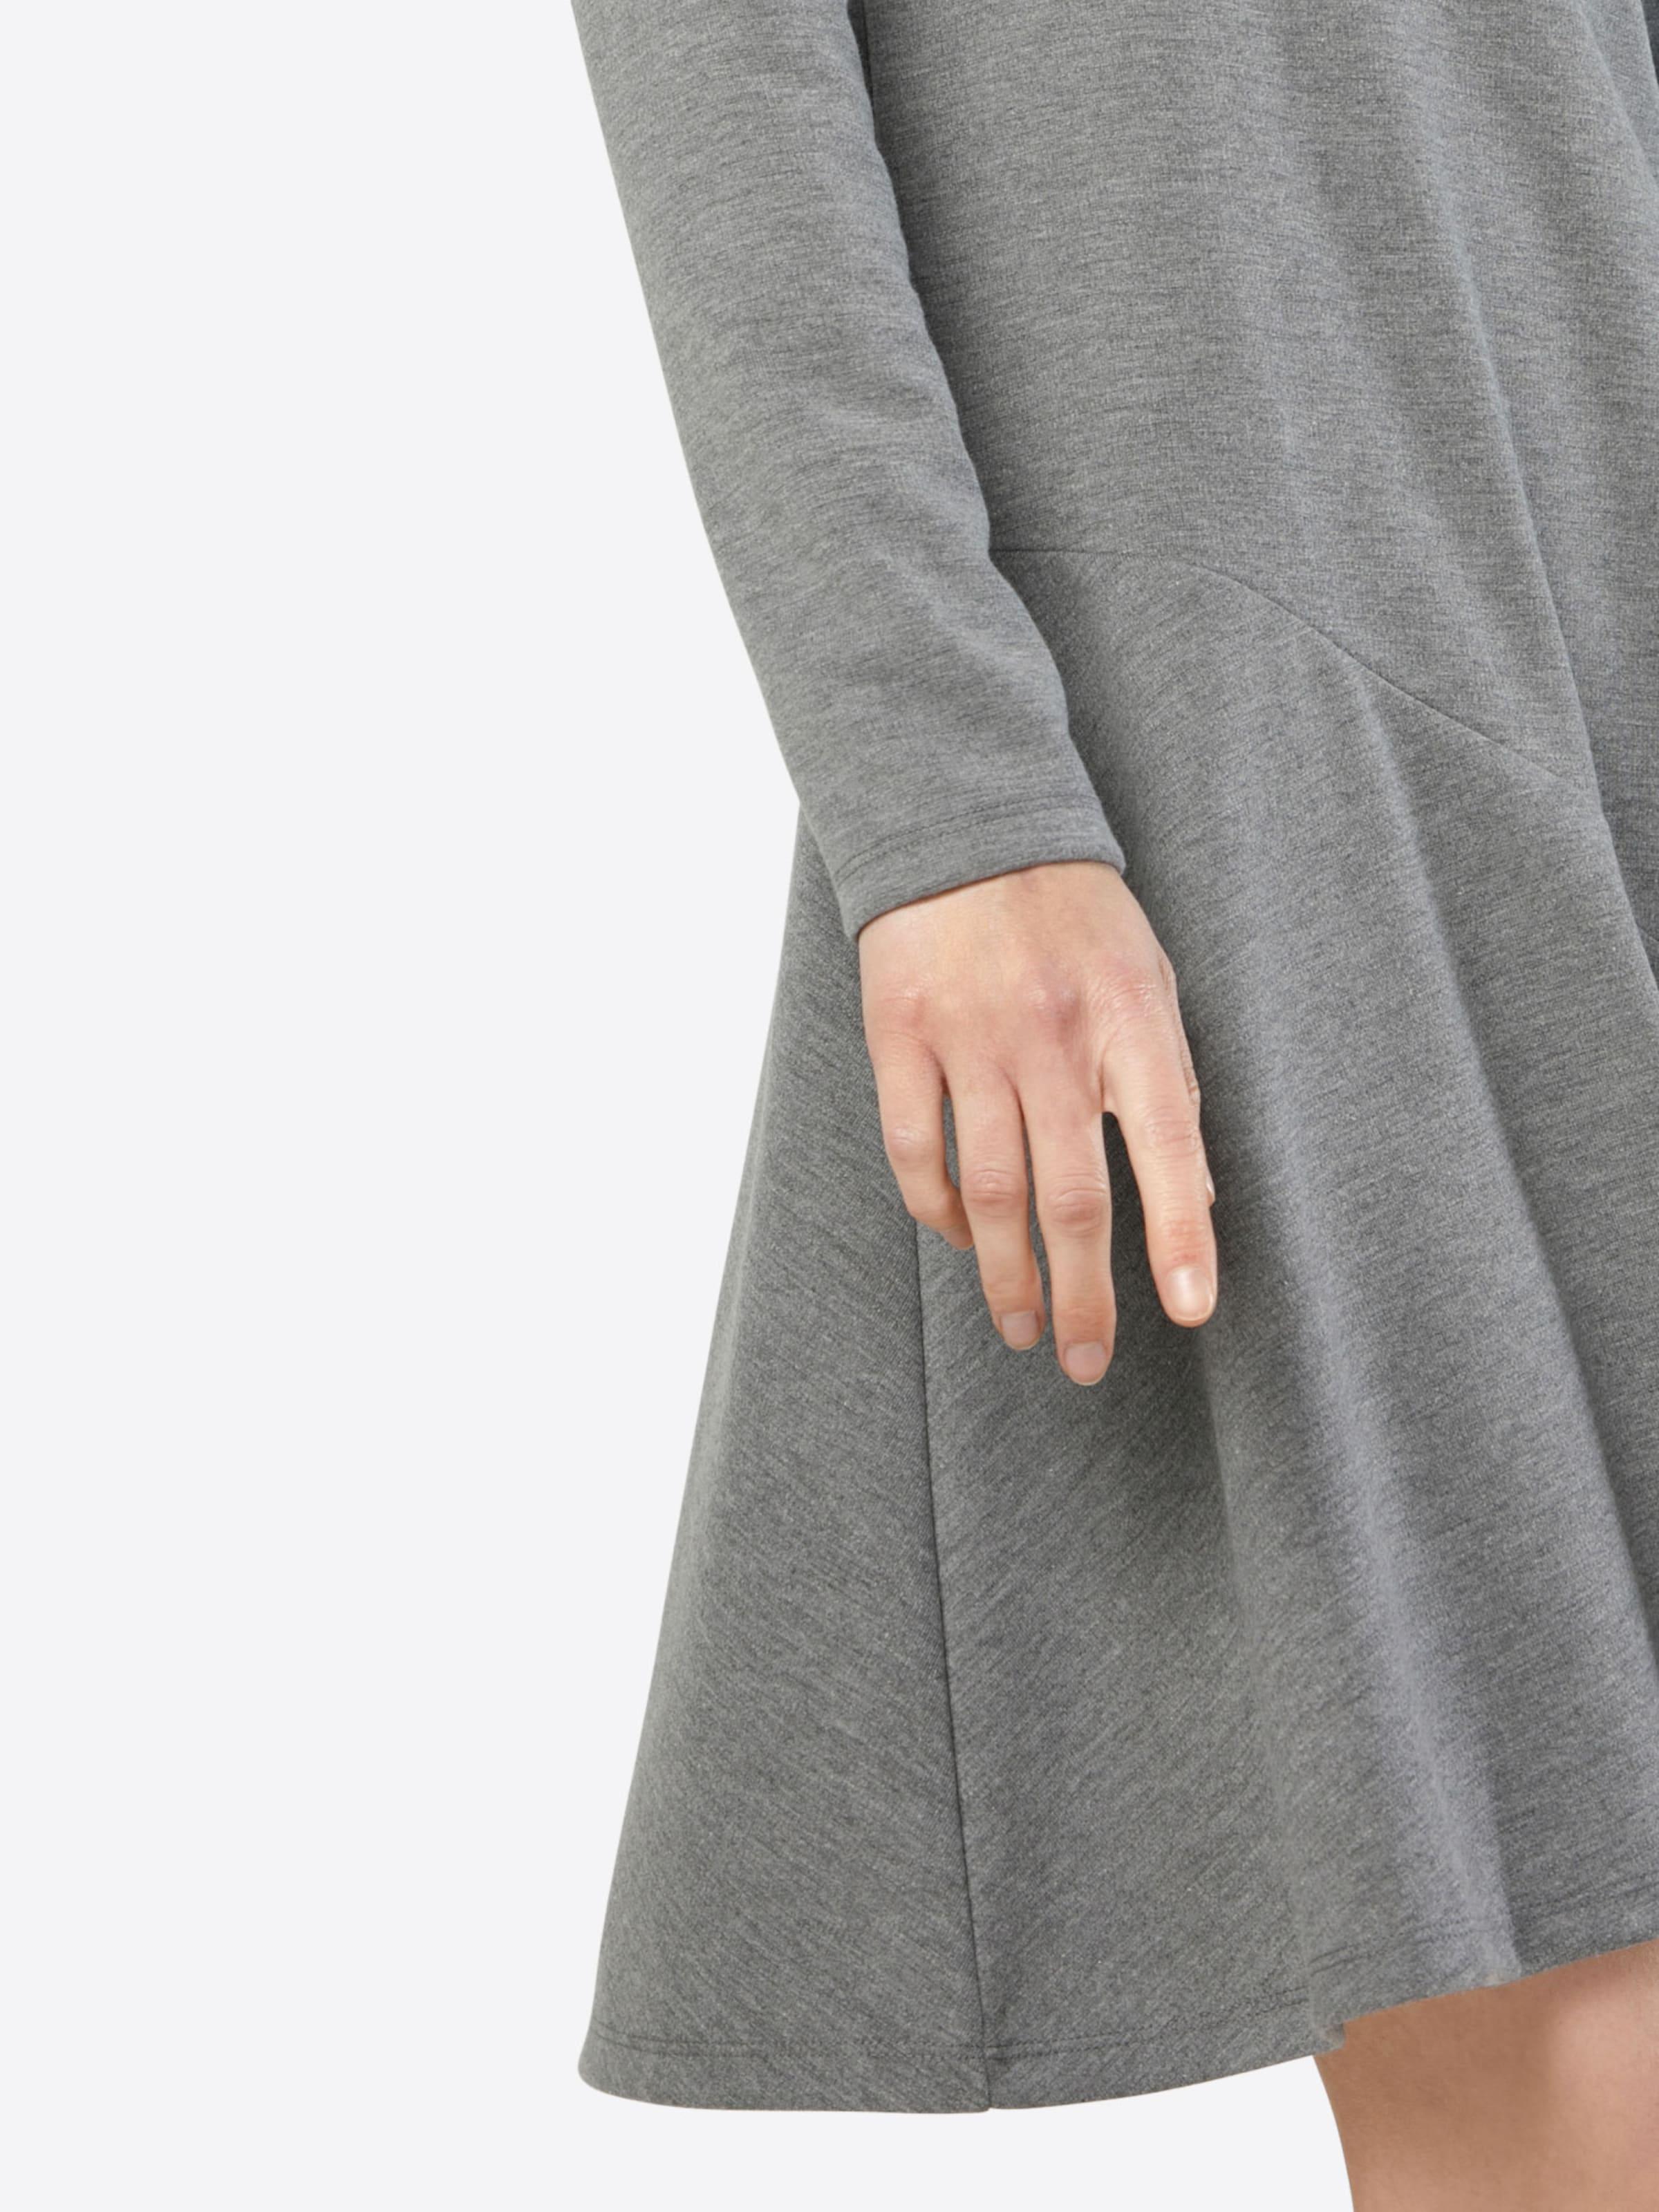 EDC BY ESPRIT Kleid 'collar'  Beschränkte Auflage Limitierte Auflage Besuchen Neuen Günstigen Preis Äußerst Günstig Kaufen Zuverlässig 5iur0m2